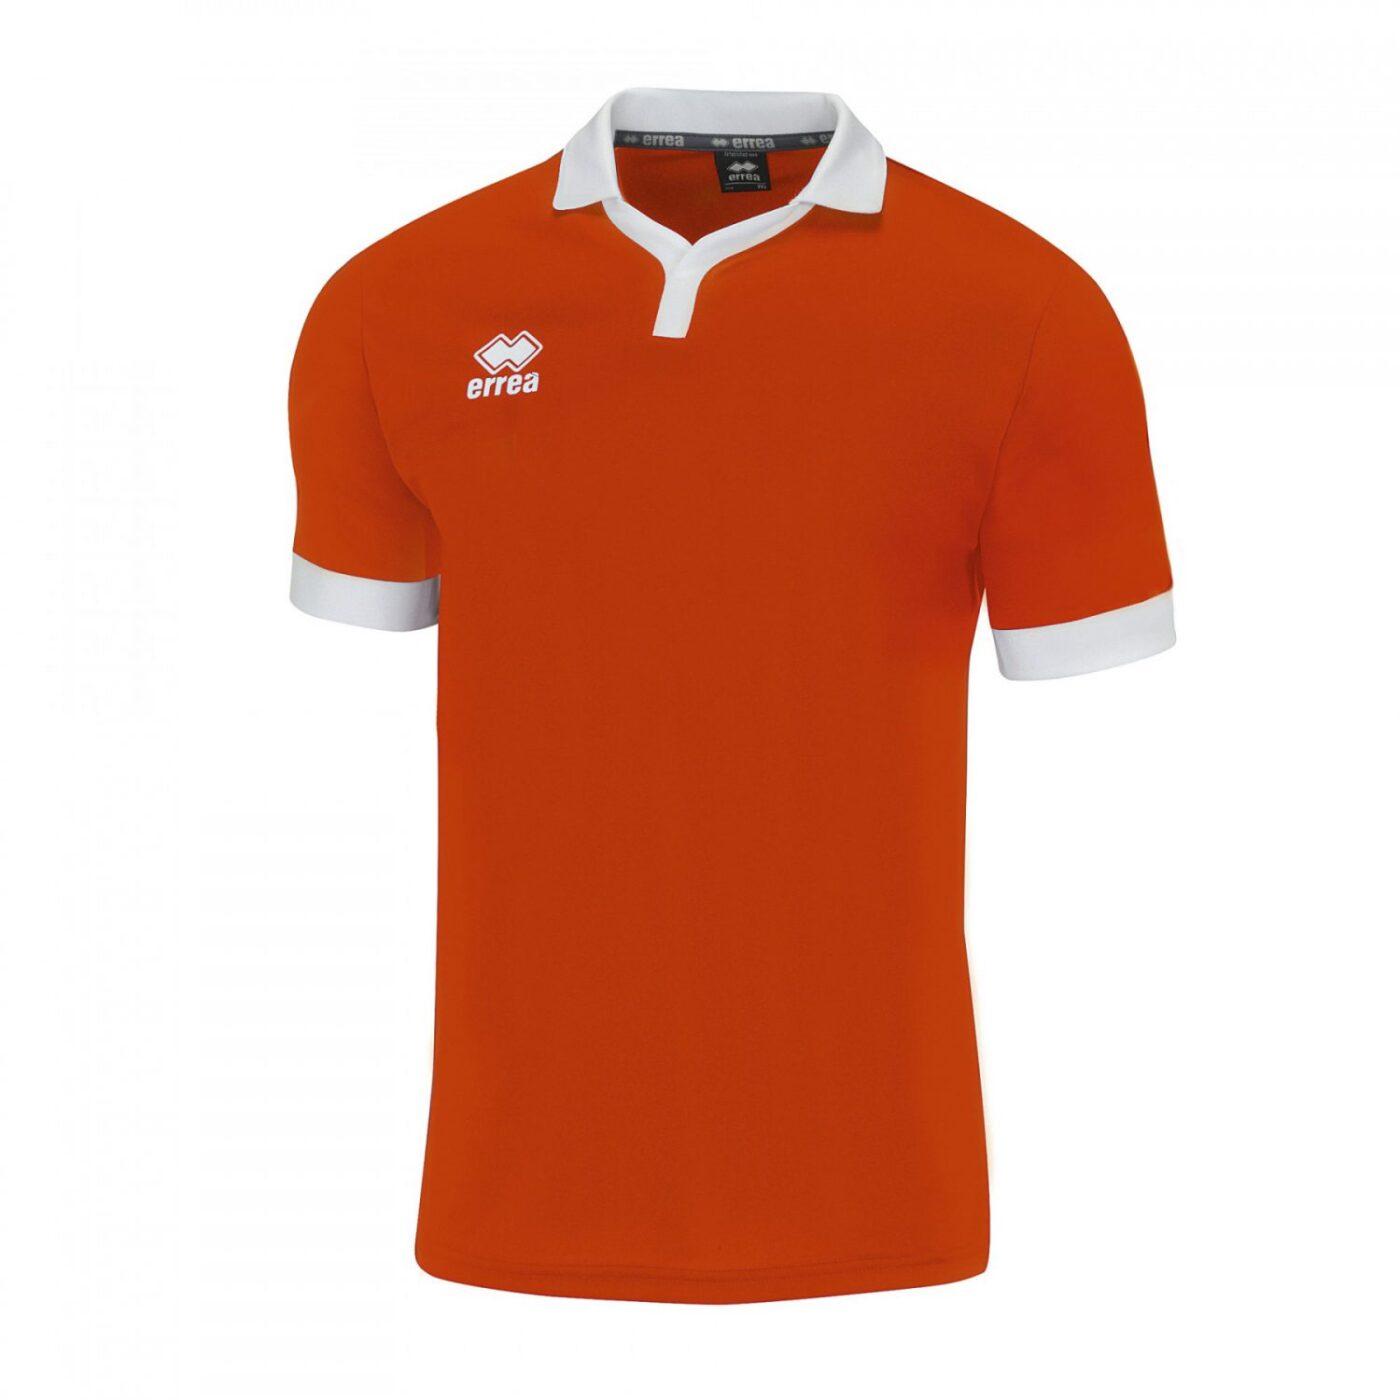 Tornei calcio 2019: maglia Errea Amburgo arancio